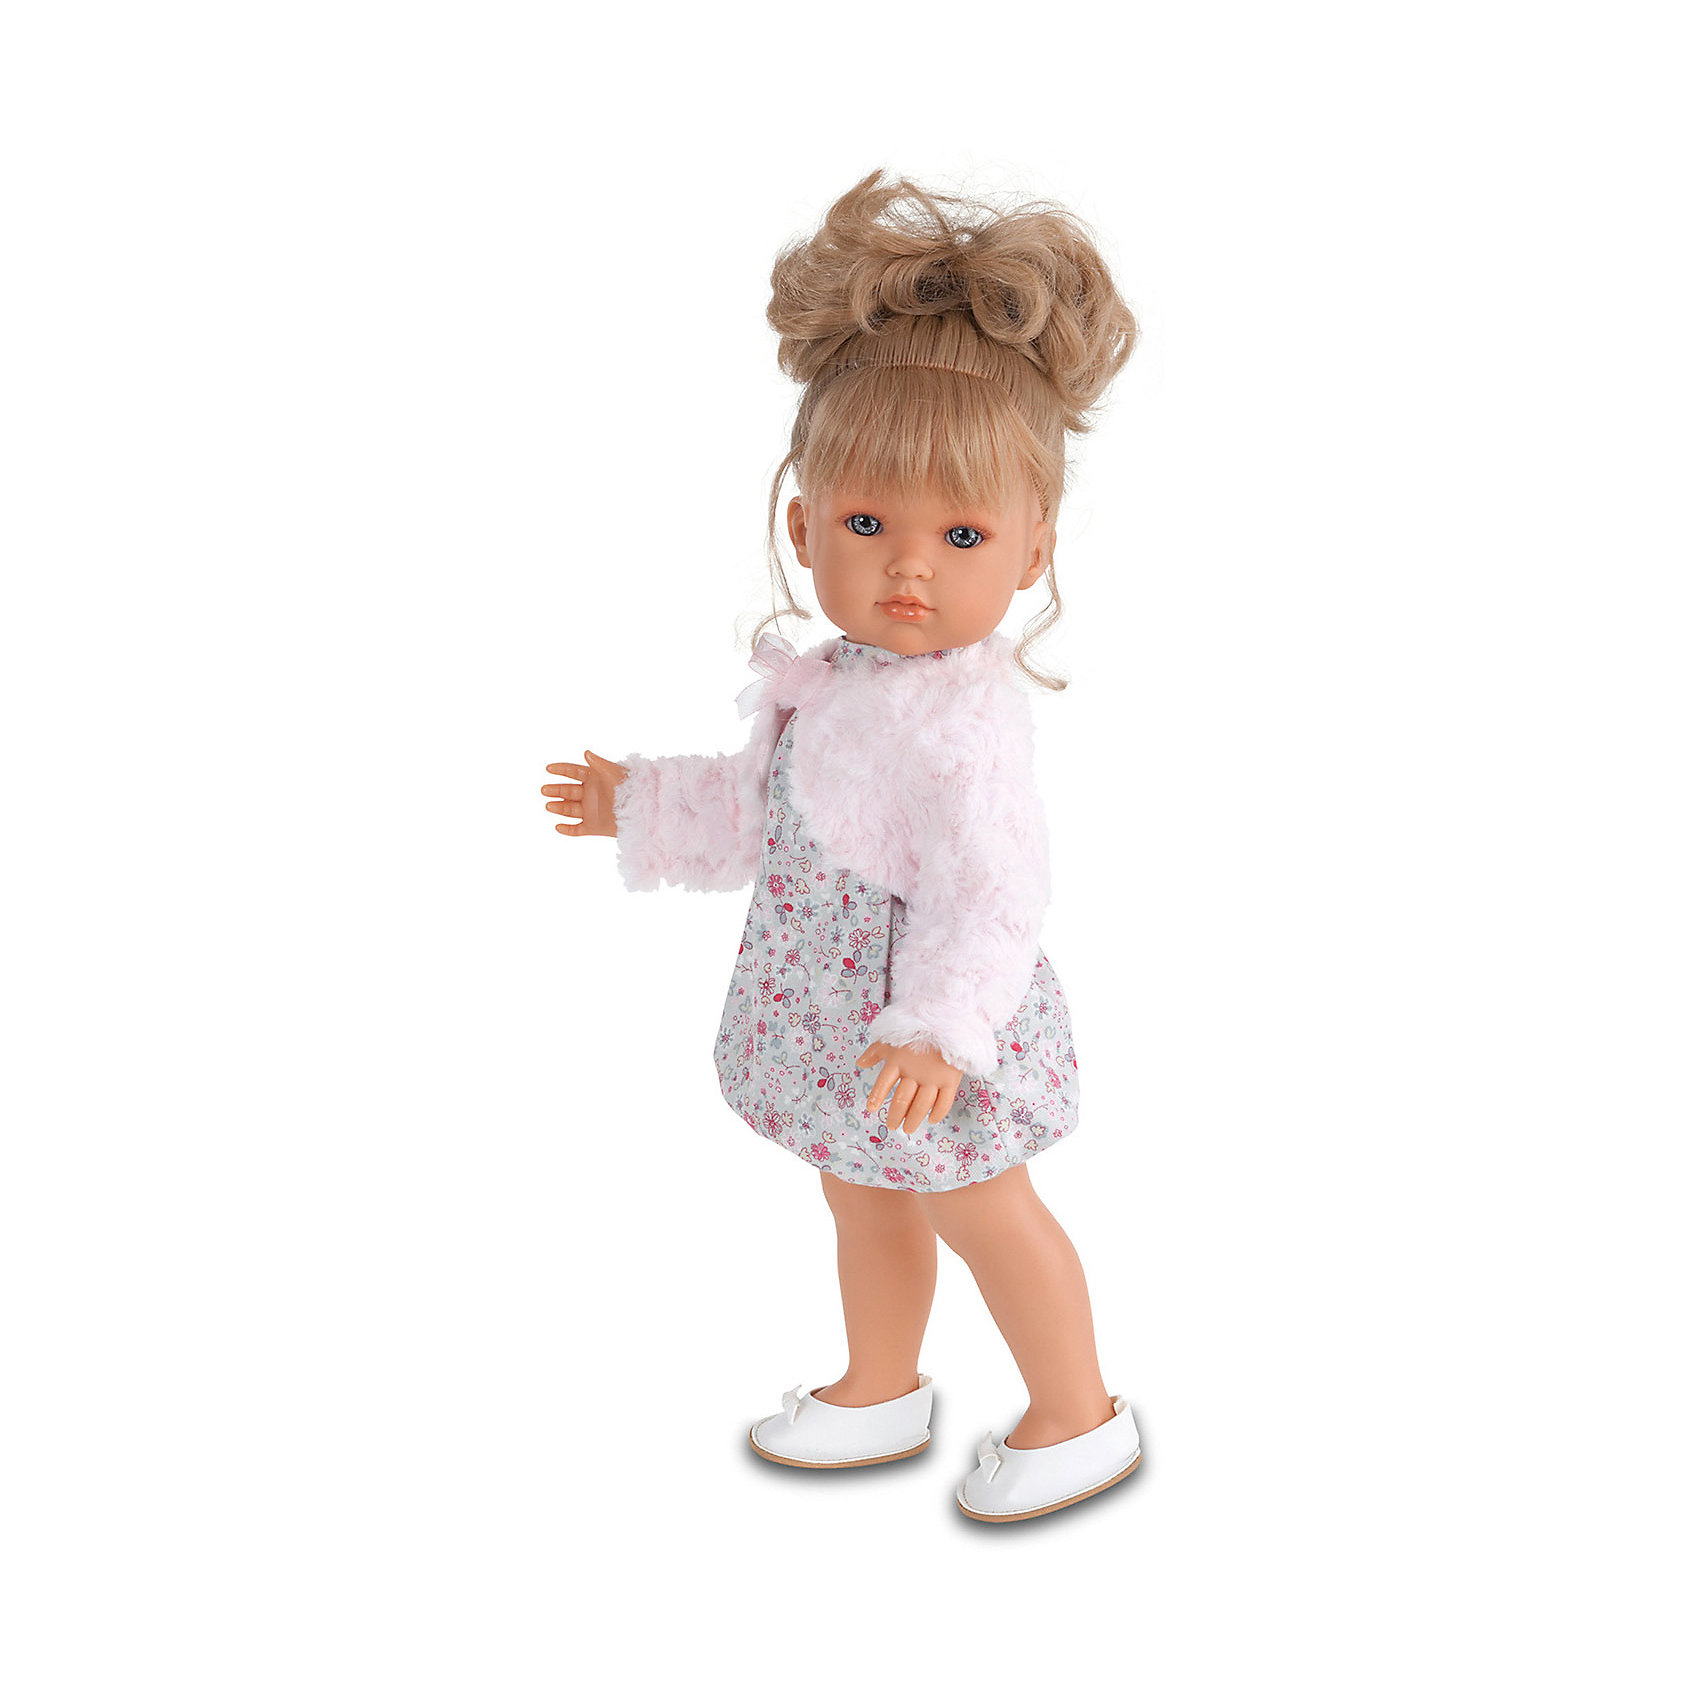 Кукла Белла  в розовом болеро, 45 см, Munecas Antonio JuanКукла Белла  в розовом болеро, 45 см, Munecas Antonio Juan (Мунекас Антонио Хуан) – эта маленькая кокетка очарует и взрослых, и детей.<br>Кукла Белла от испанского производителя Мунекас Антонио Хуан выглядит как настоящая девочка, а ее трогательный внешний вид вызывает только самые положительные и добрые эмоции. Эта чудесная милая малышка станет любимицей Вашей девочки и будет воспитывать в ней доброту, внимание и заботу. У куклы-девочки очаровательное детское лицо, выполненное с тщательной прорисовкой деталей. Выразительные глаза обрамлены длинными ресницами. Ее густые шелковистые волосы собраны в хвостик. Их легко расчесывать и делать различные прически. Чудесный наряд куклы создан испанским дизайнером. Кукла одета в стильное платье в мелкий рисунок, пушистое розовое болеро, на ногах у нее туфельки. У куклы подвижны руки, ноги и голова. Изготовлена из высококачественного винила с добавлением силикона. Образы малышей Мунекас разработаны известными европейскими дизайнерами. Они натуралистичны, анатомически точны.<br><br>Дополнительная информация:<br><br>- Глаза куклы не закрываются<br>- Высота куклы: 45 см.<br>- Материал: винил, силикон, текстиль<br><br>Куклу Беллу в розовом болеро, 45 см, Munecas Antonio Juan (Мунекас Антонио Хуан) можно купить в нашем интернет-магазине.<br><br>Ширина мм: 530<br>Глубина мм: 275<br>Высота мм: 135<br>Вес г: 1525<br>Возраст от месяцев: 36<br>Возраст до месяцев: 84<br>Пол: Женский<br>Возраст: Детский<br>SKU: 4201301